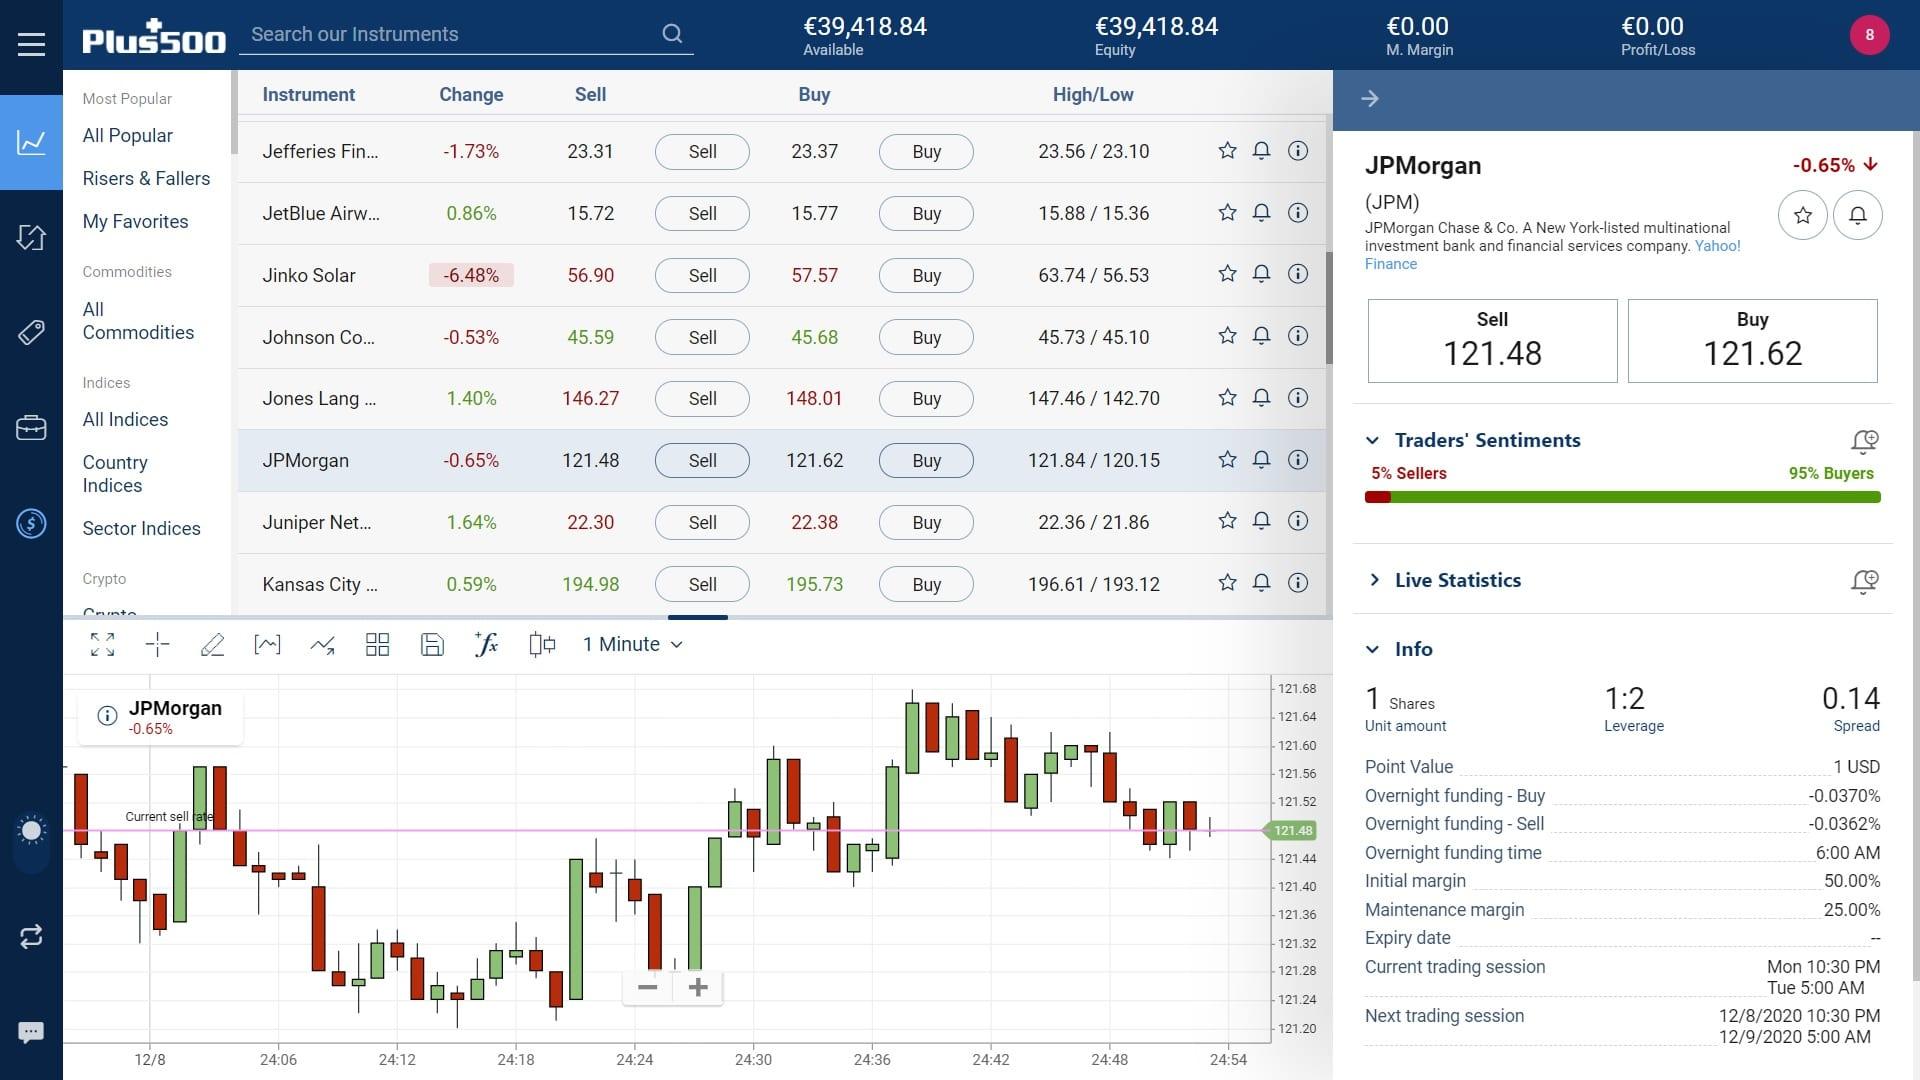 JPMorgan stock trading on Plus500's WebTrader platform